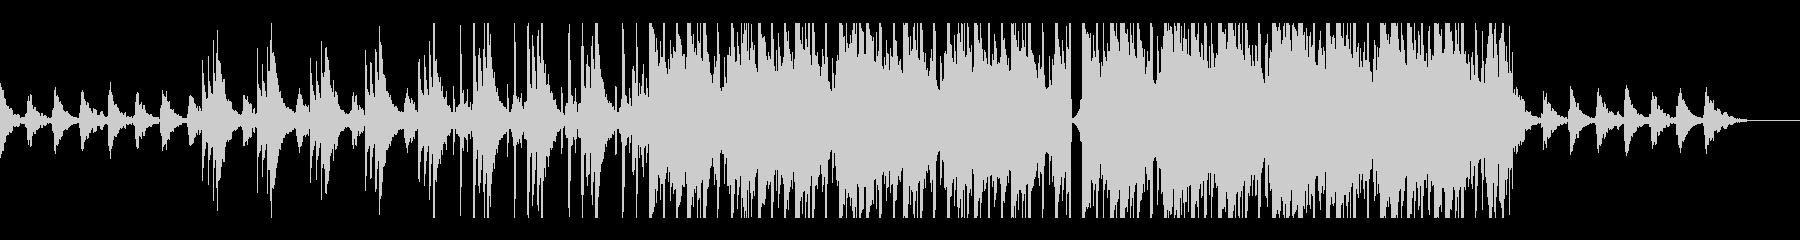 【短いVer2】ピアノが印象的なポップスの未再生の波形